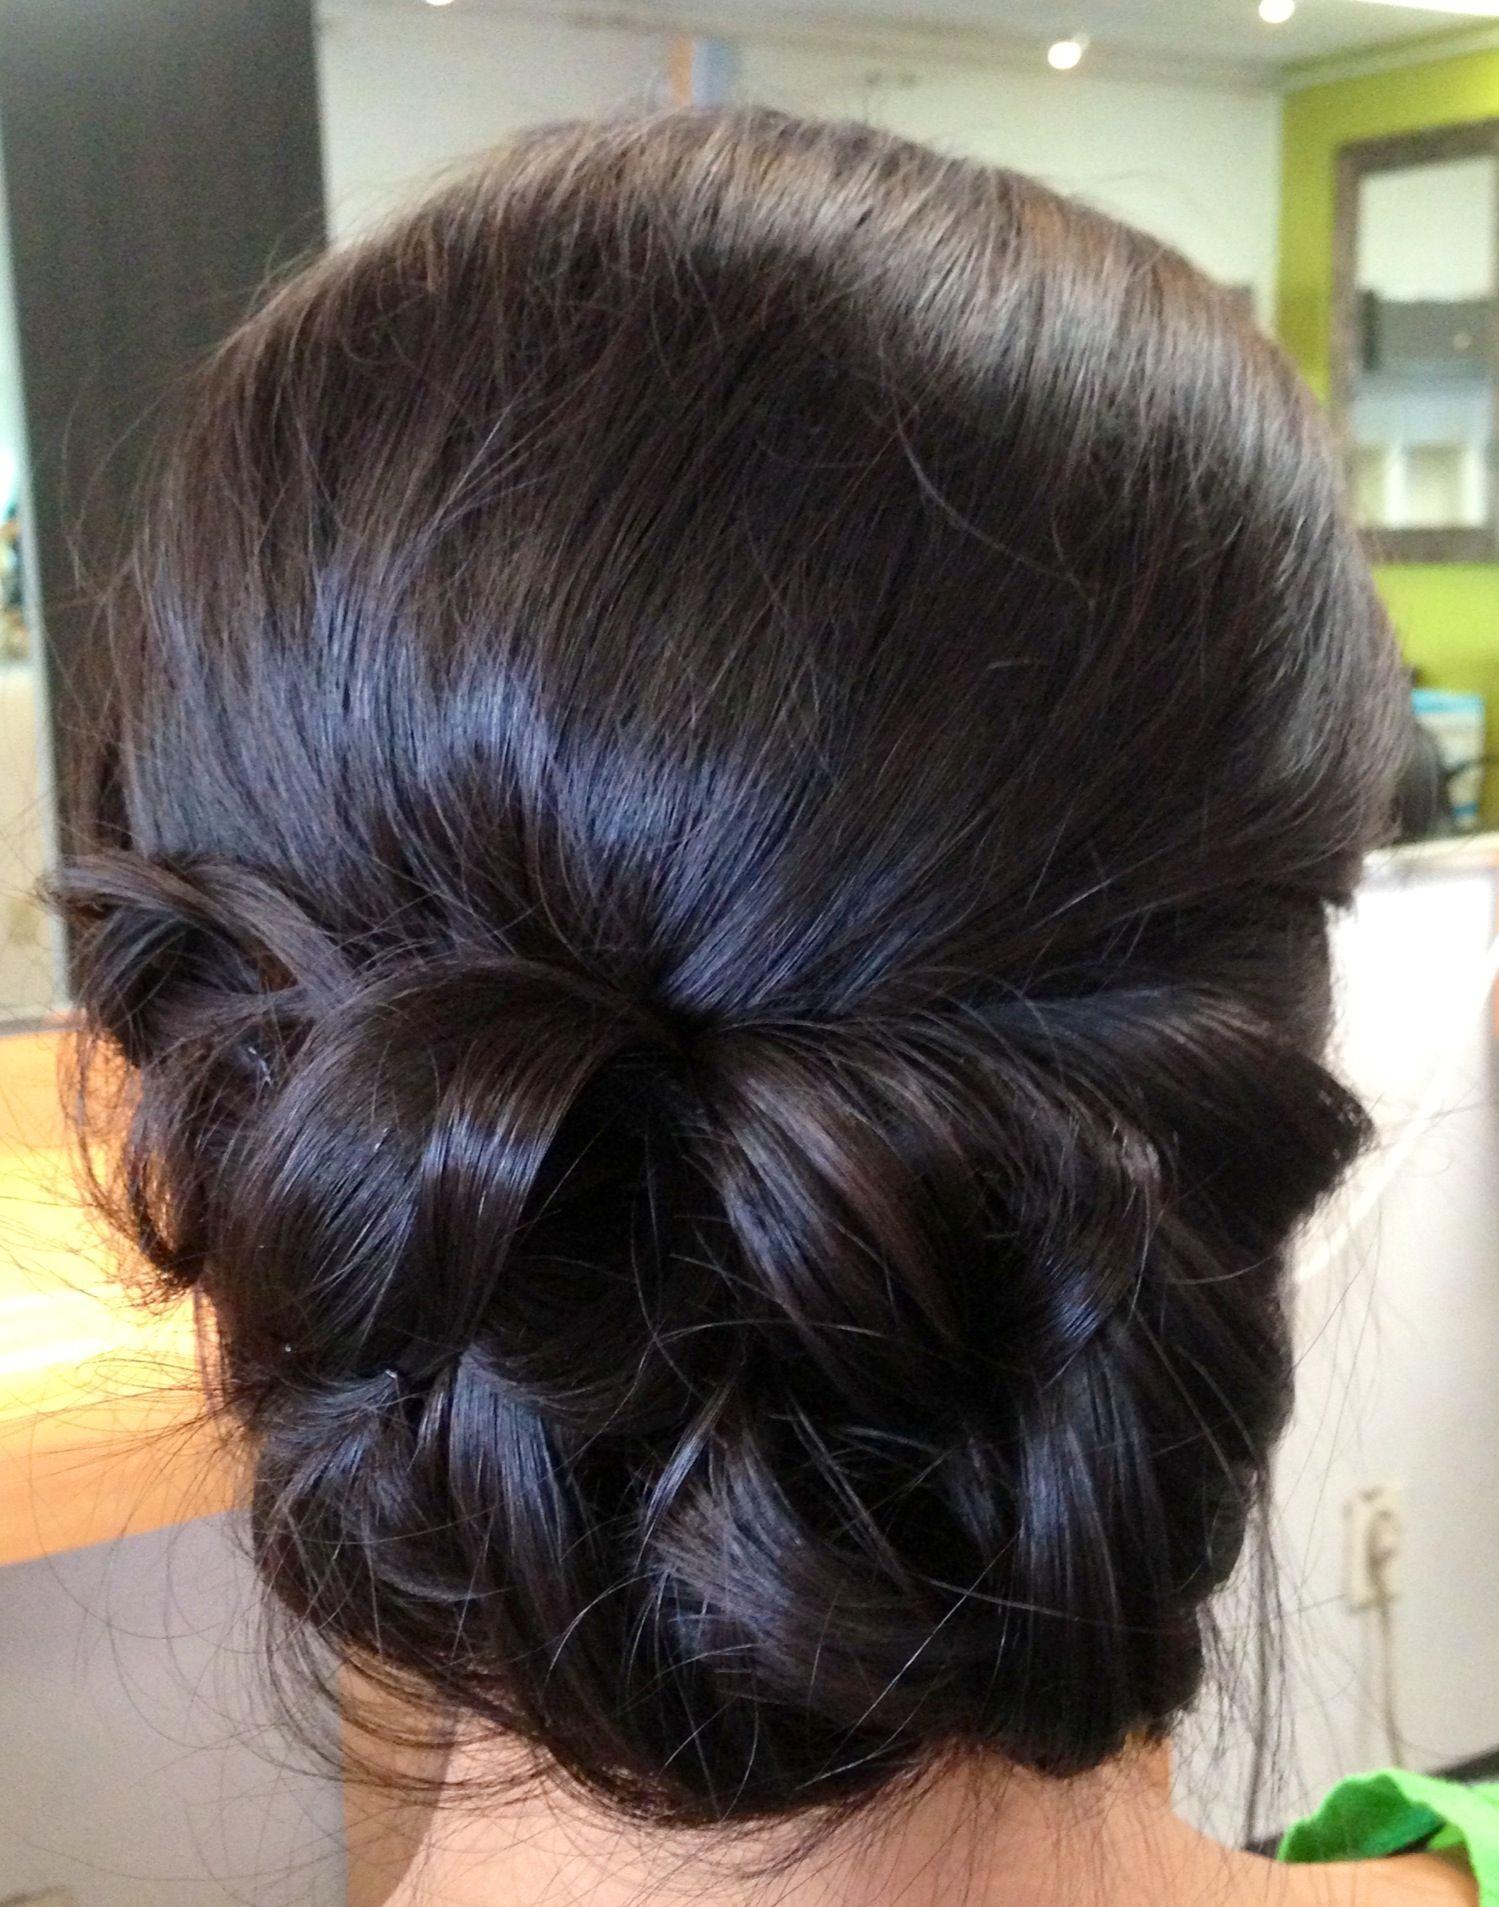 Awe Inspiring 16 Fascinating Asian Hairstyles Updo Wedding And Wedding Hair Updo Short Hairstyles For Black Women Fulllsitofus